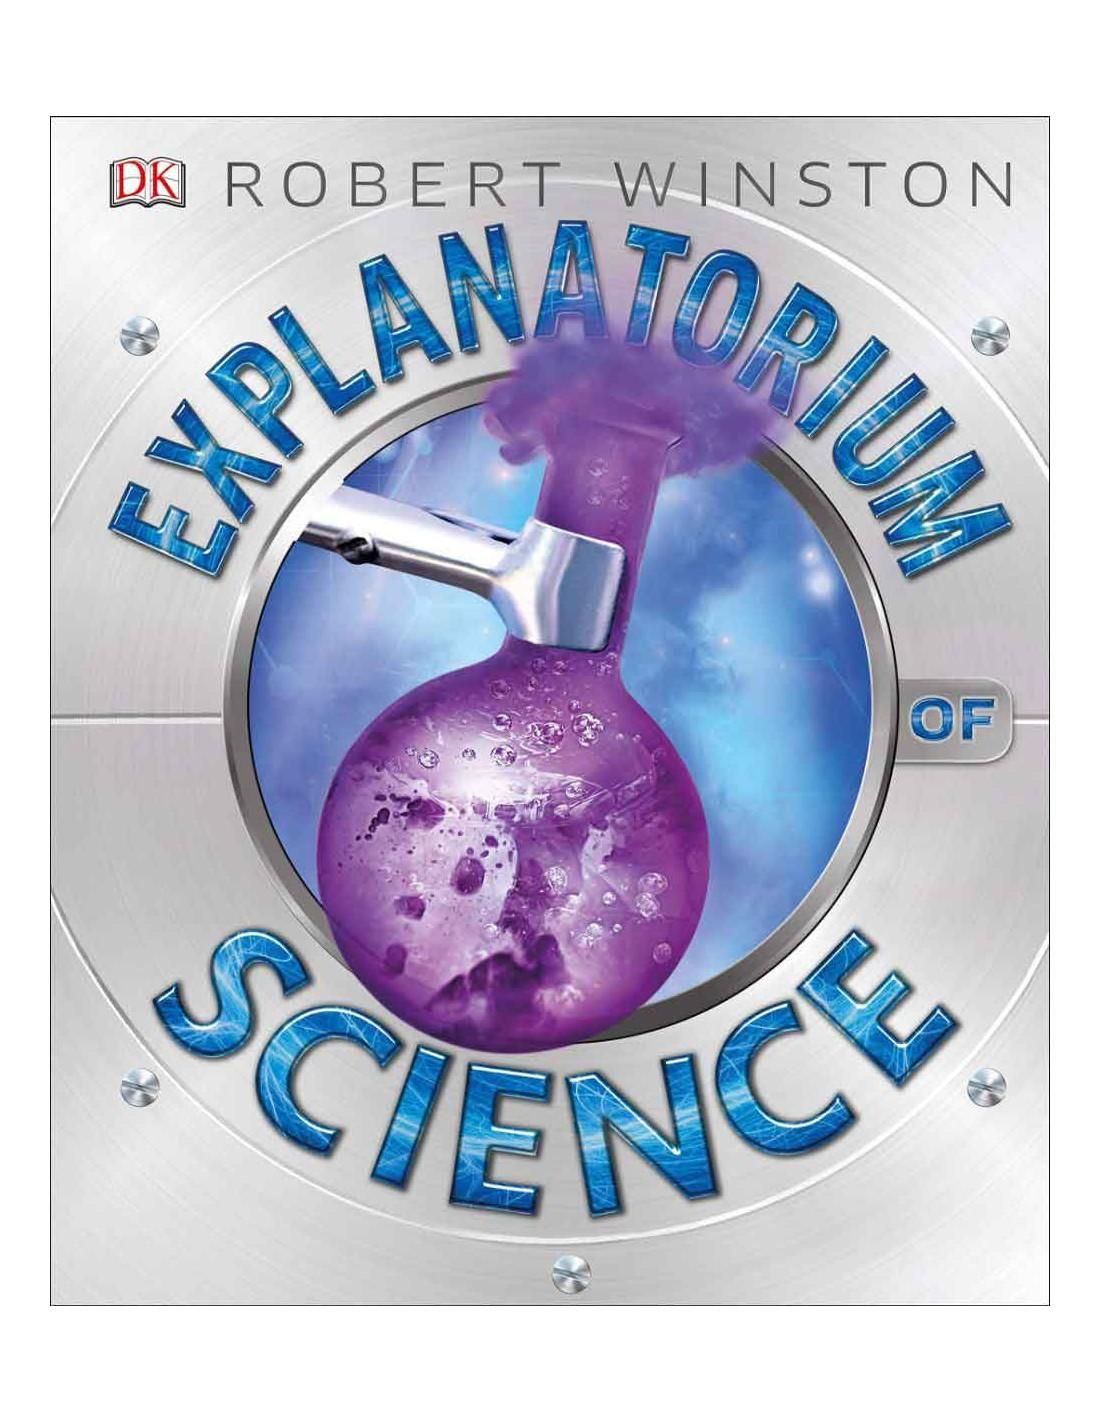 Explanatorium Of Science Adrion Ltd